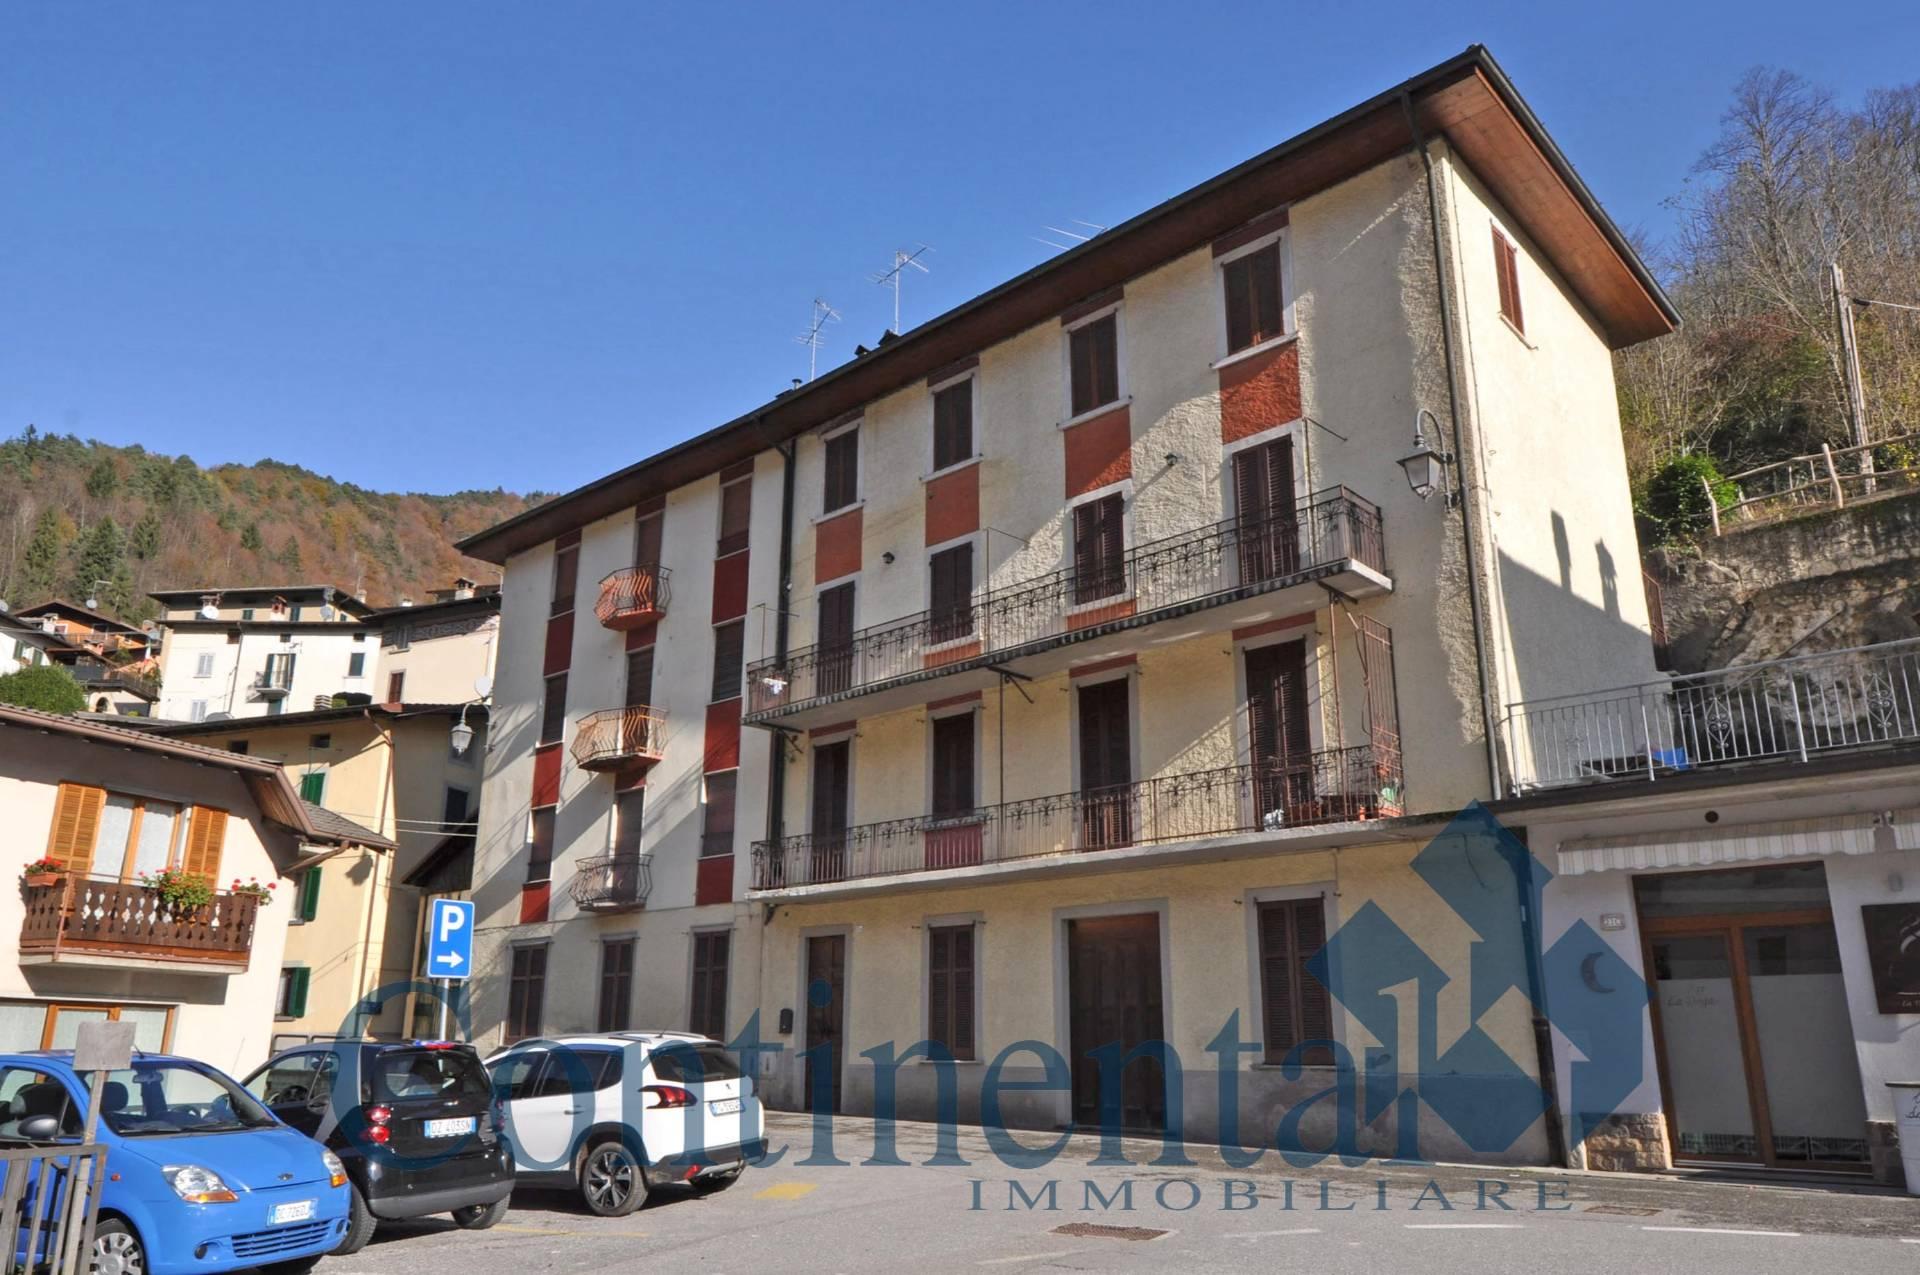 Appartamento in vendita a Averara, 4 locali, prezzo € 29.900 | PortaleAgenzieImmobiliari.it